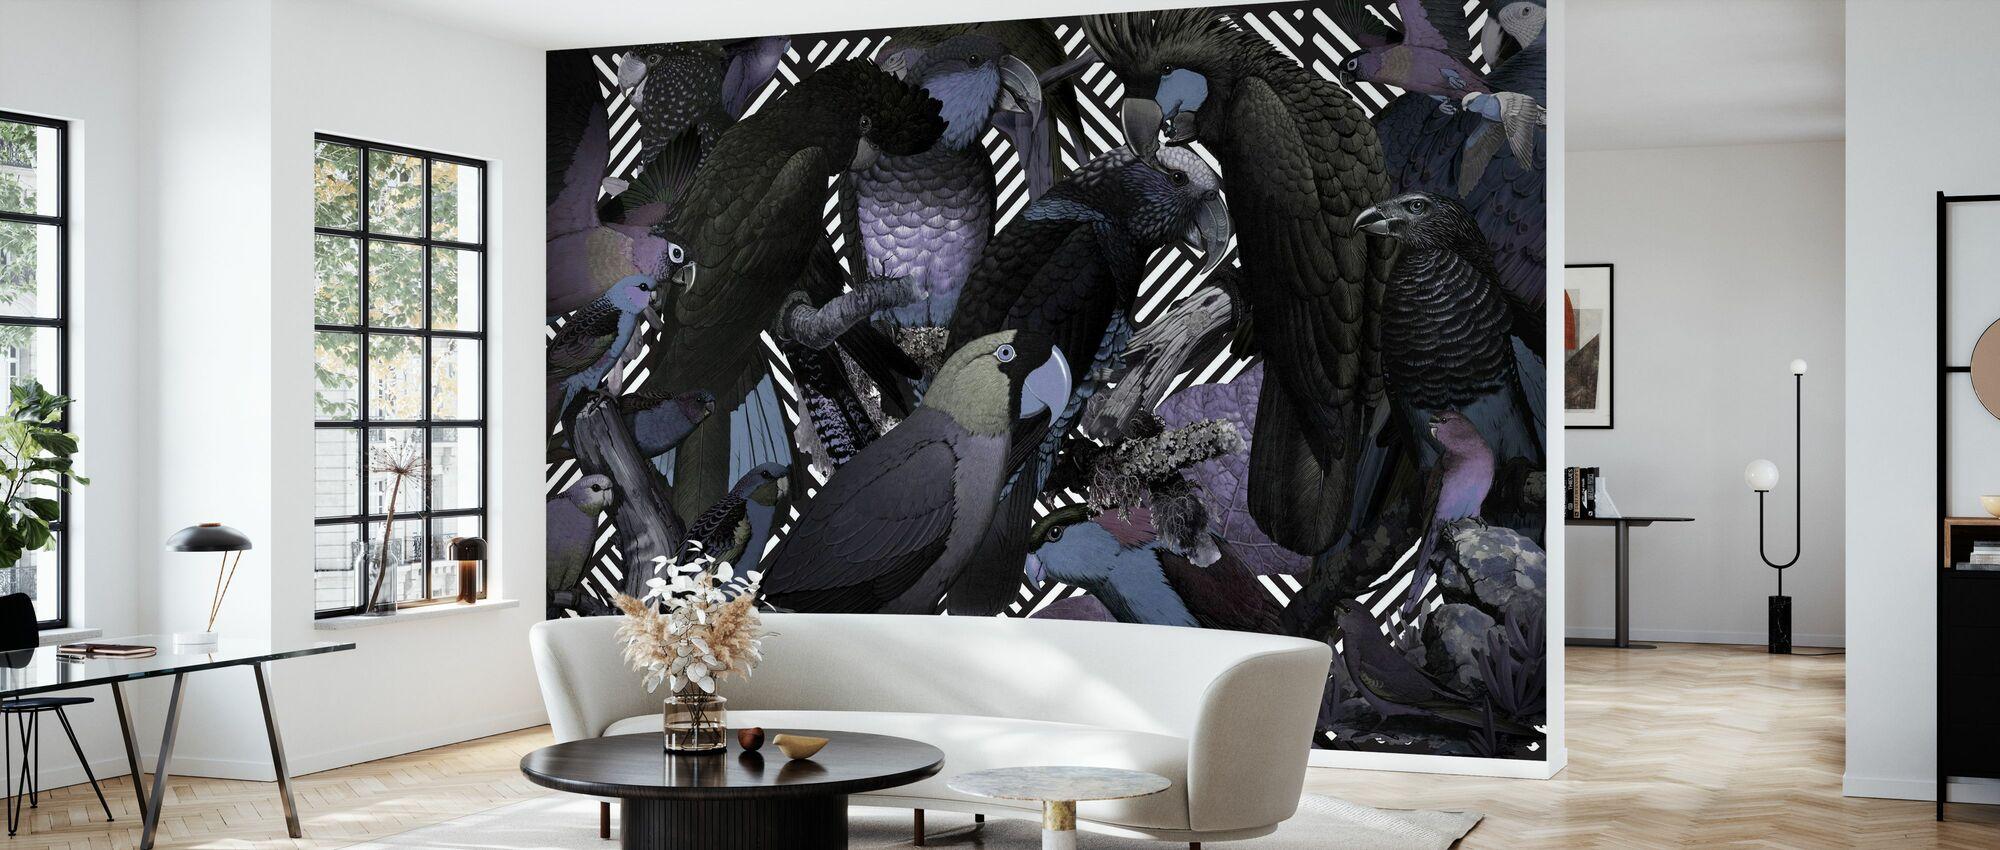 Family Portrait - Corbusier - Wallpaper - Living Room